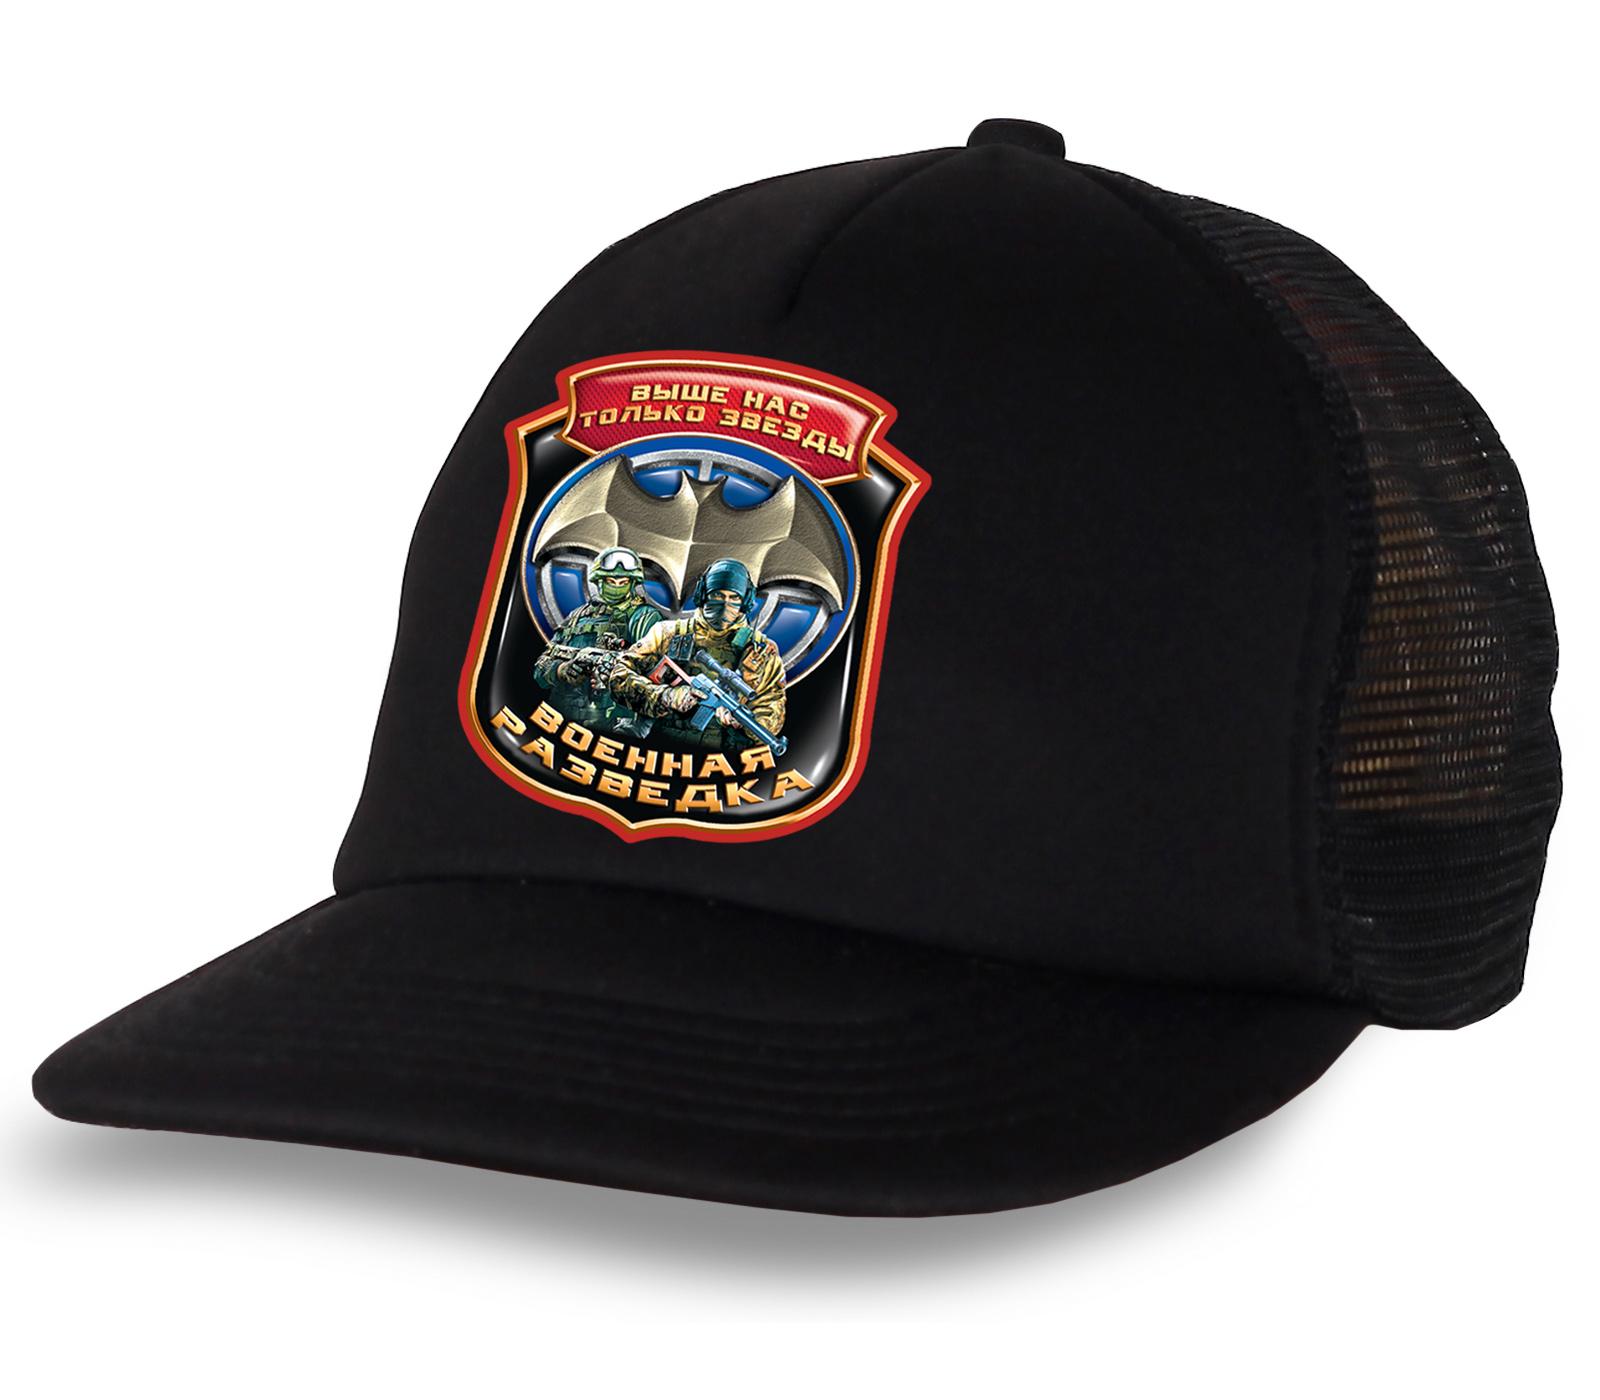 """Популярная кепка """"Военная разведка"""" с сеткой. Первоклассная модель по лояльной цене"""